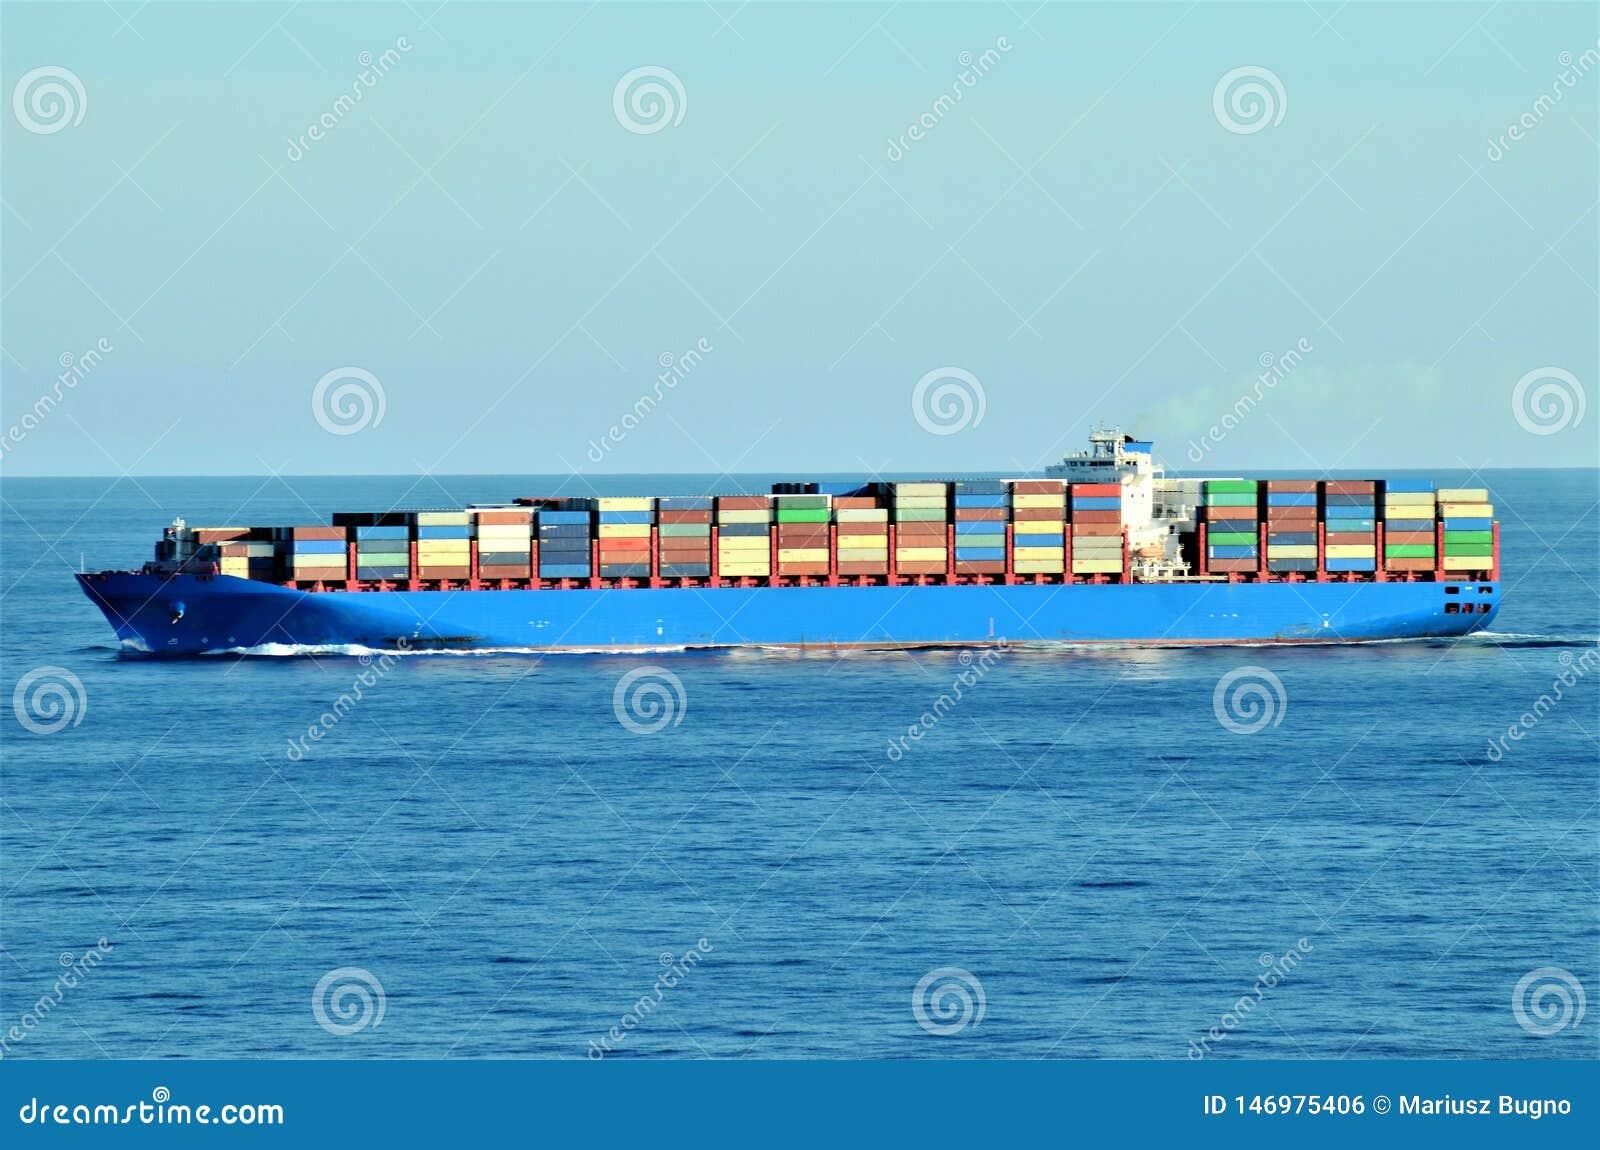 Naviga??o do navio de recipiente da carga atrav?s do oceano calmo